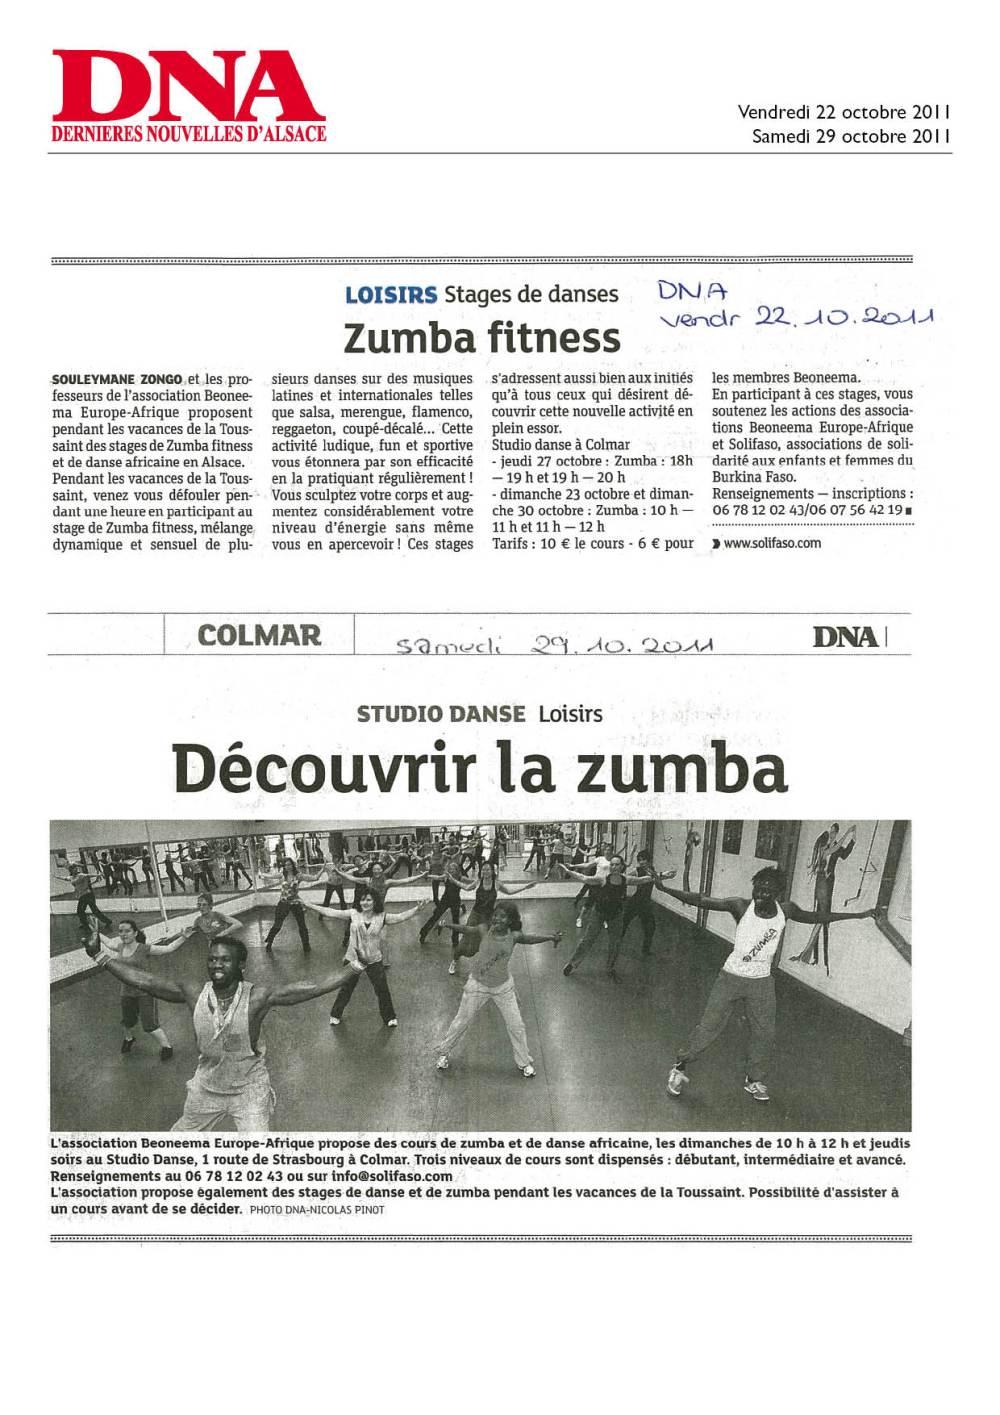 Tirez le meilleure des activités de Zumba avec l'association Sabak Beoneema Danse, et découvrez un large panel de nos activités.